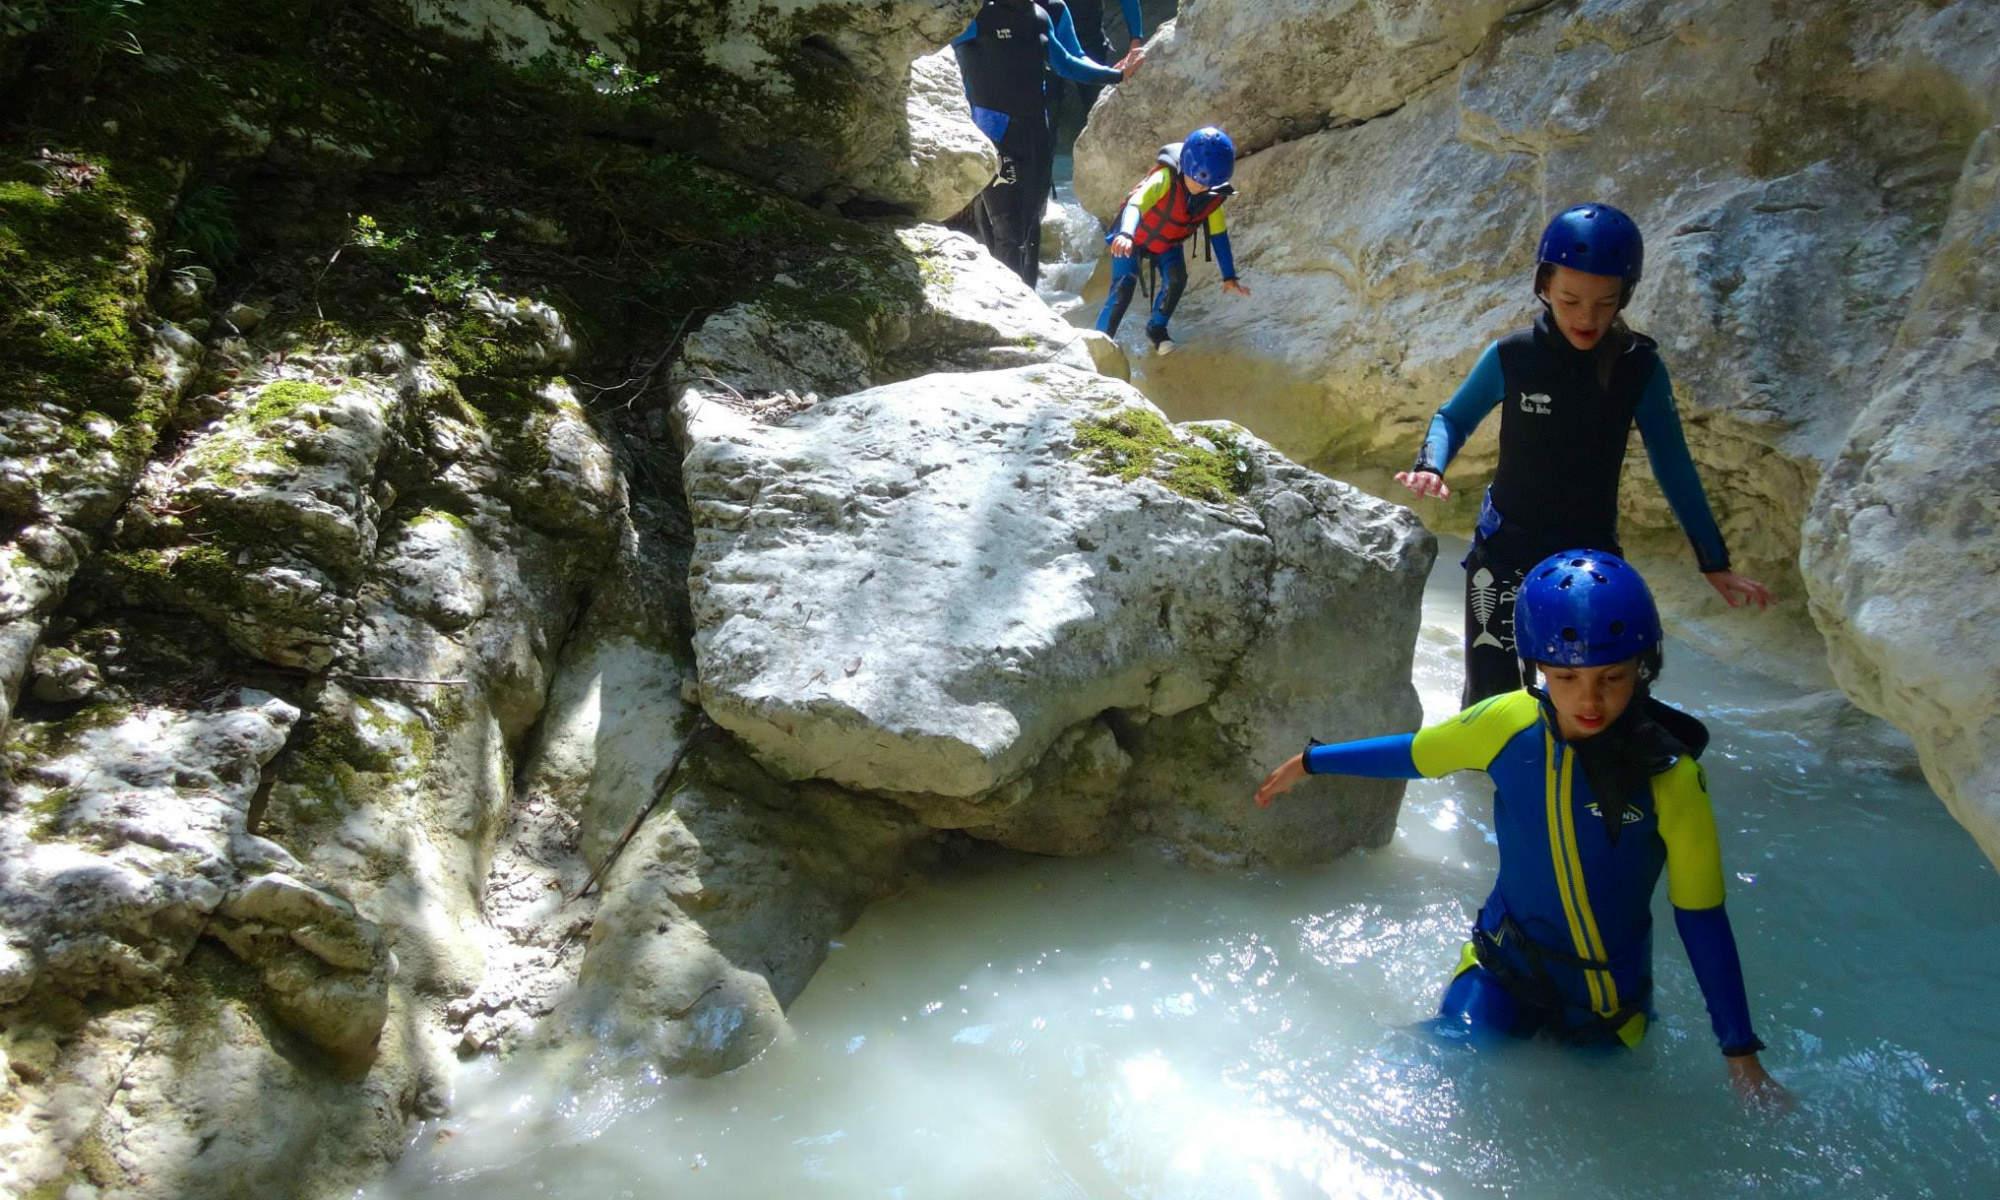 Un groupe de canyonistes s'apprête à glisser dans un toboggan naturel dans le canyon du Rayaup.